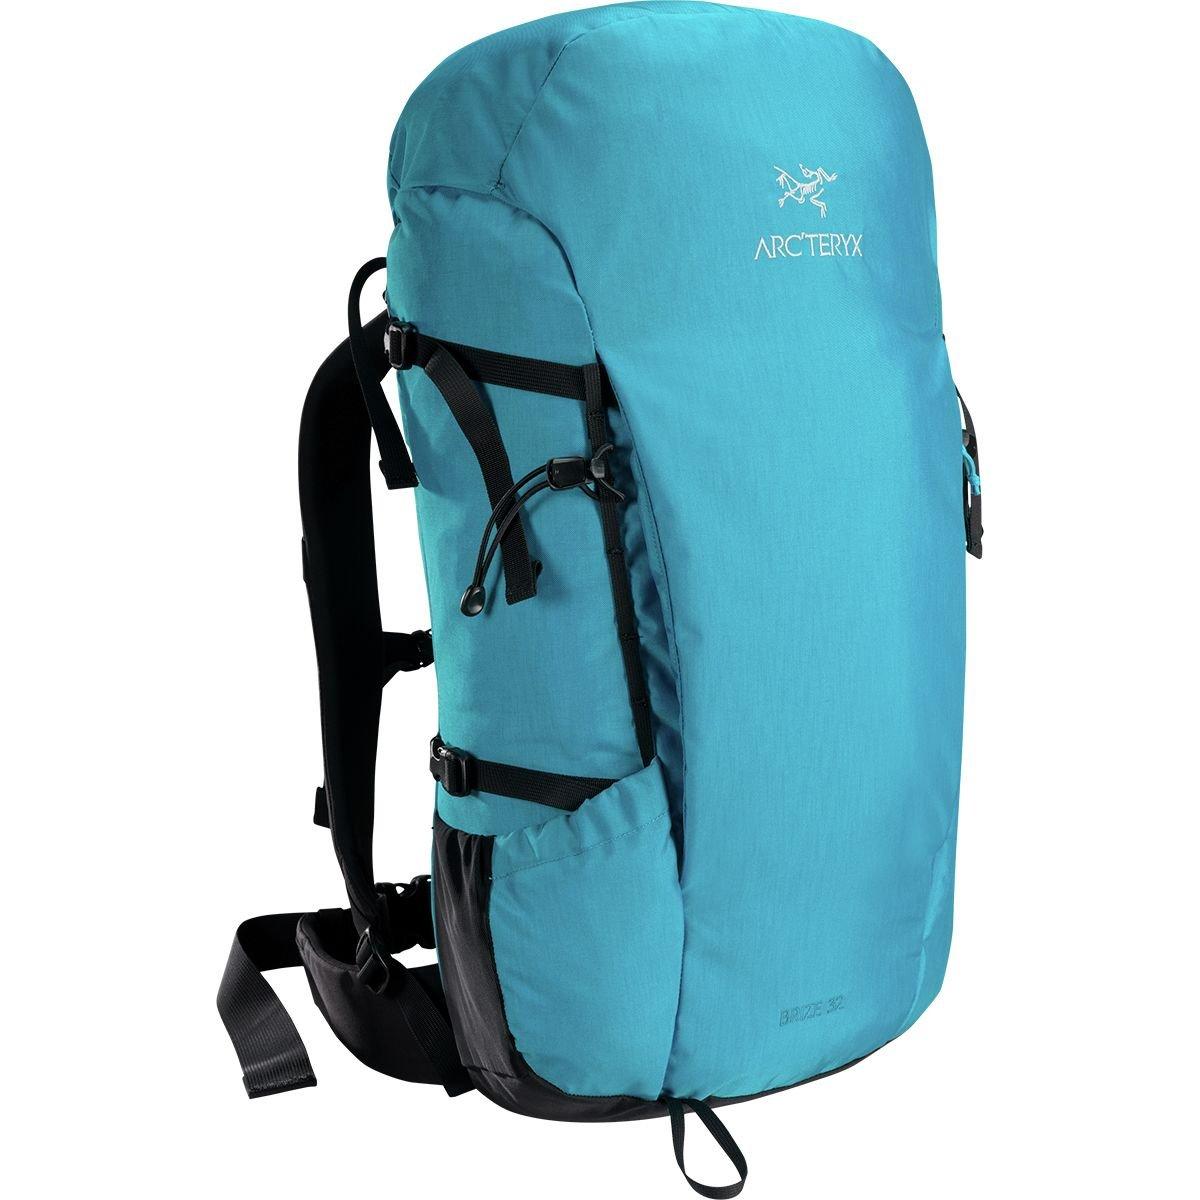 (アークテリクス) Arc'teryx Brize 32L Backpackメンズ バックパック リュック Baja [並行輸入品] Reg  B078RCLKVR